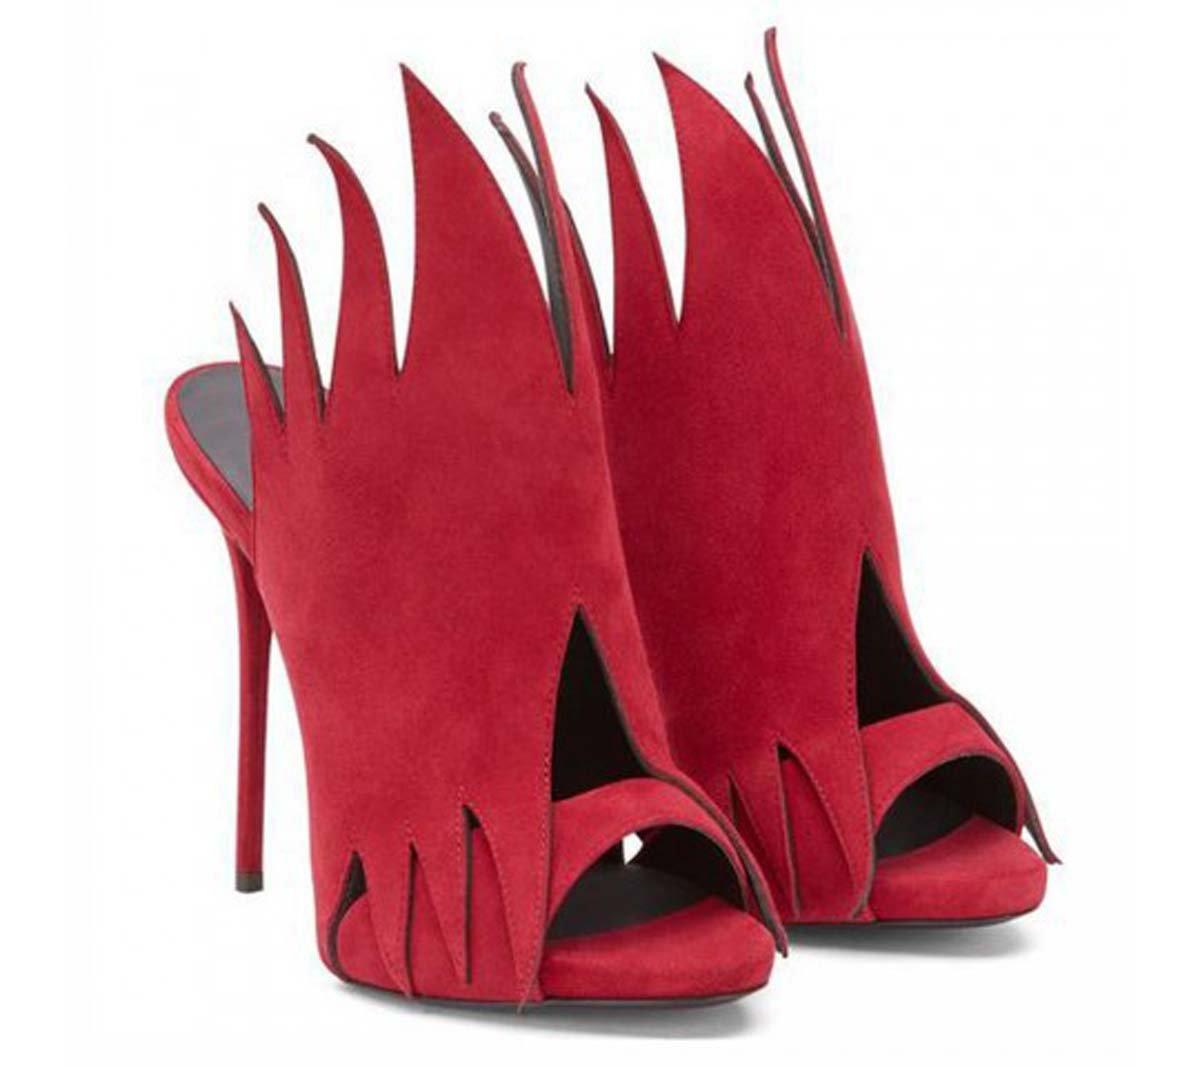 GONGFF Zapatillas Sandalias De Tacón Alto Para Mujer Zapatillas Muller Zapatos De Moda Zapatos,Red,40 40|Red